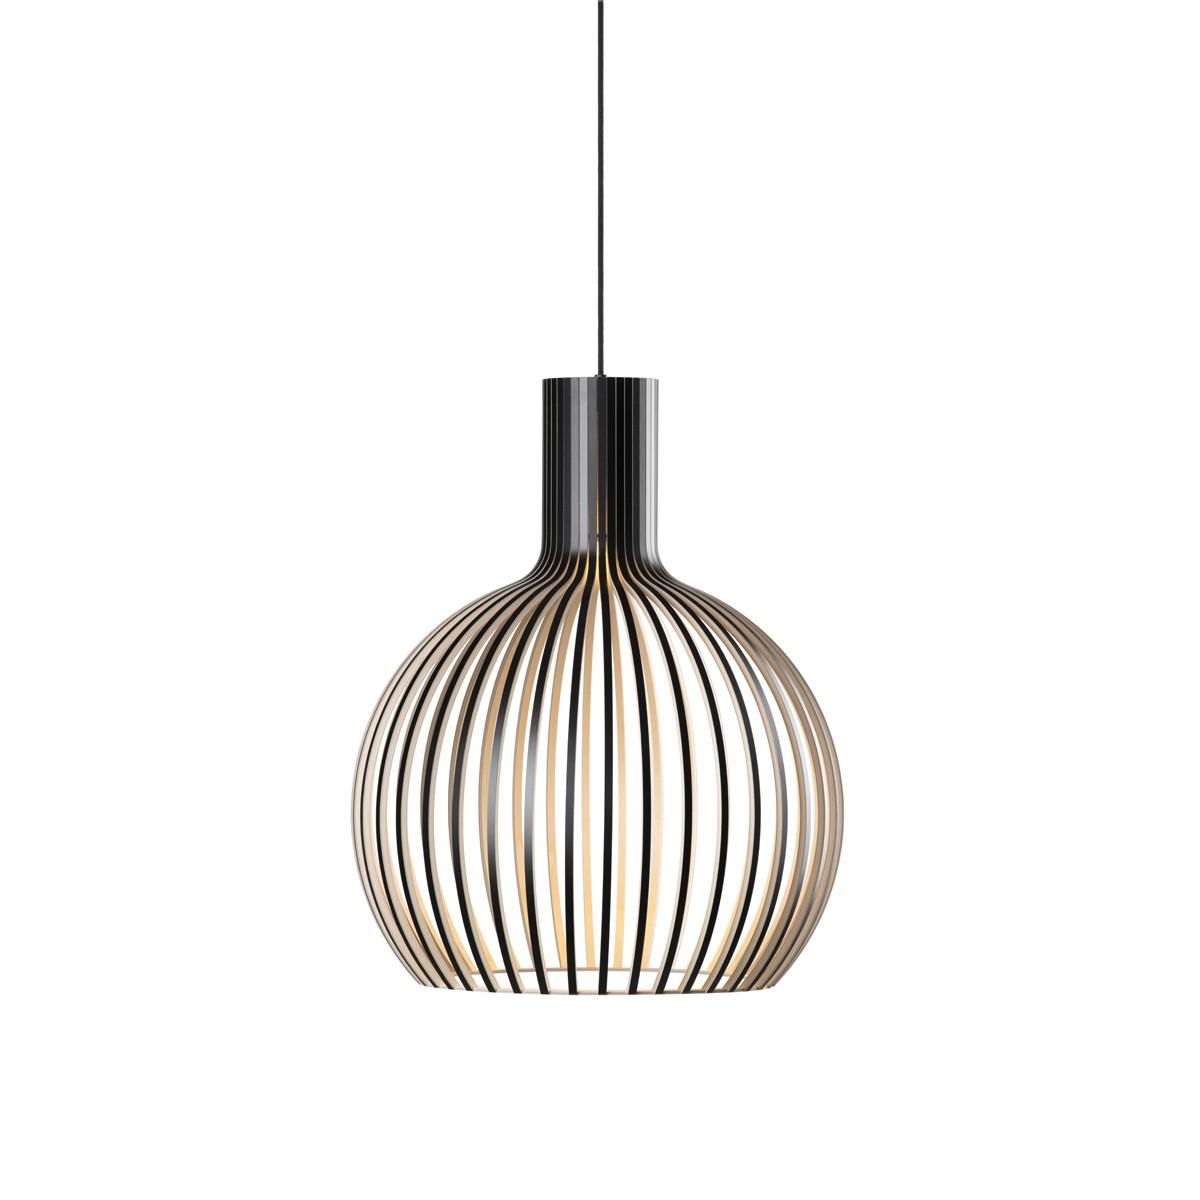 Secto Design Octo 4241 Pendelleuchte, schwarz laminiert, Kabel: weiß